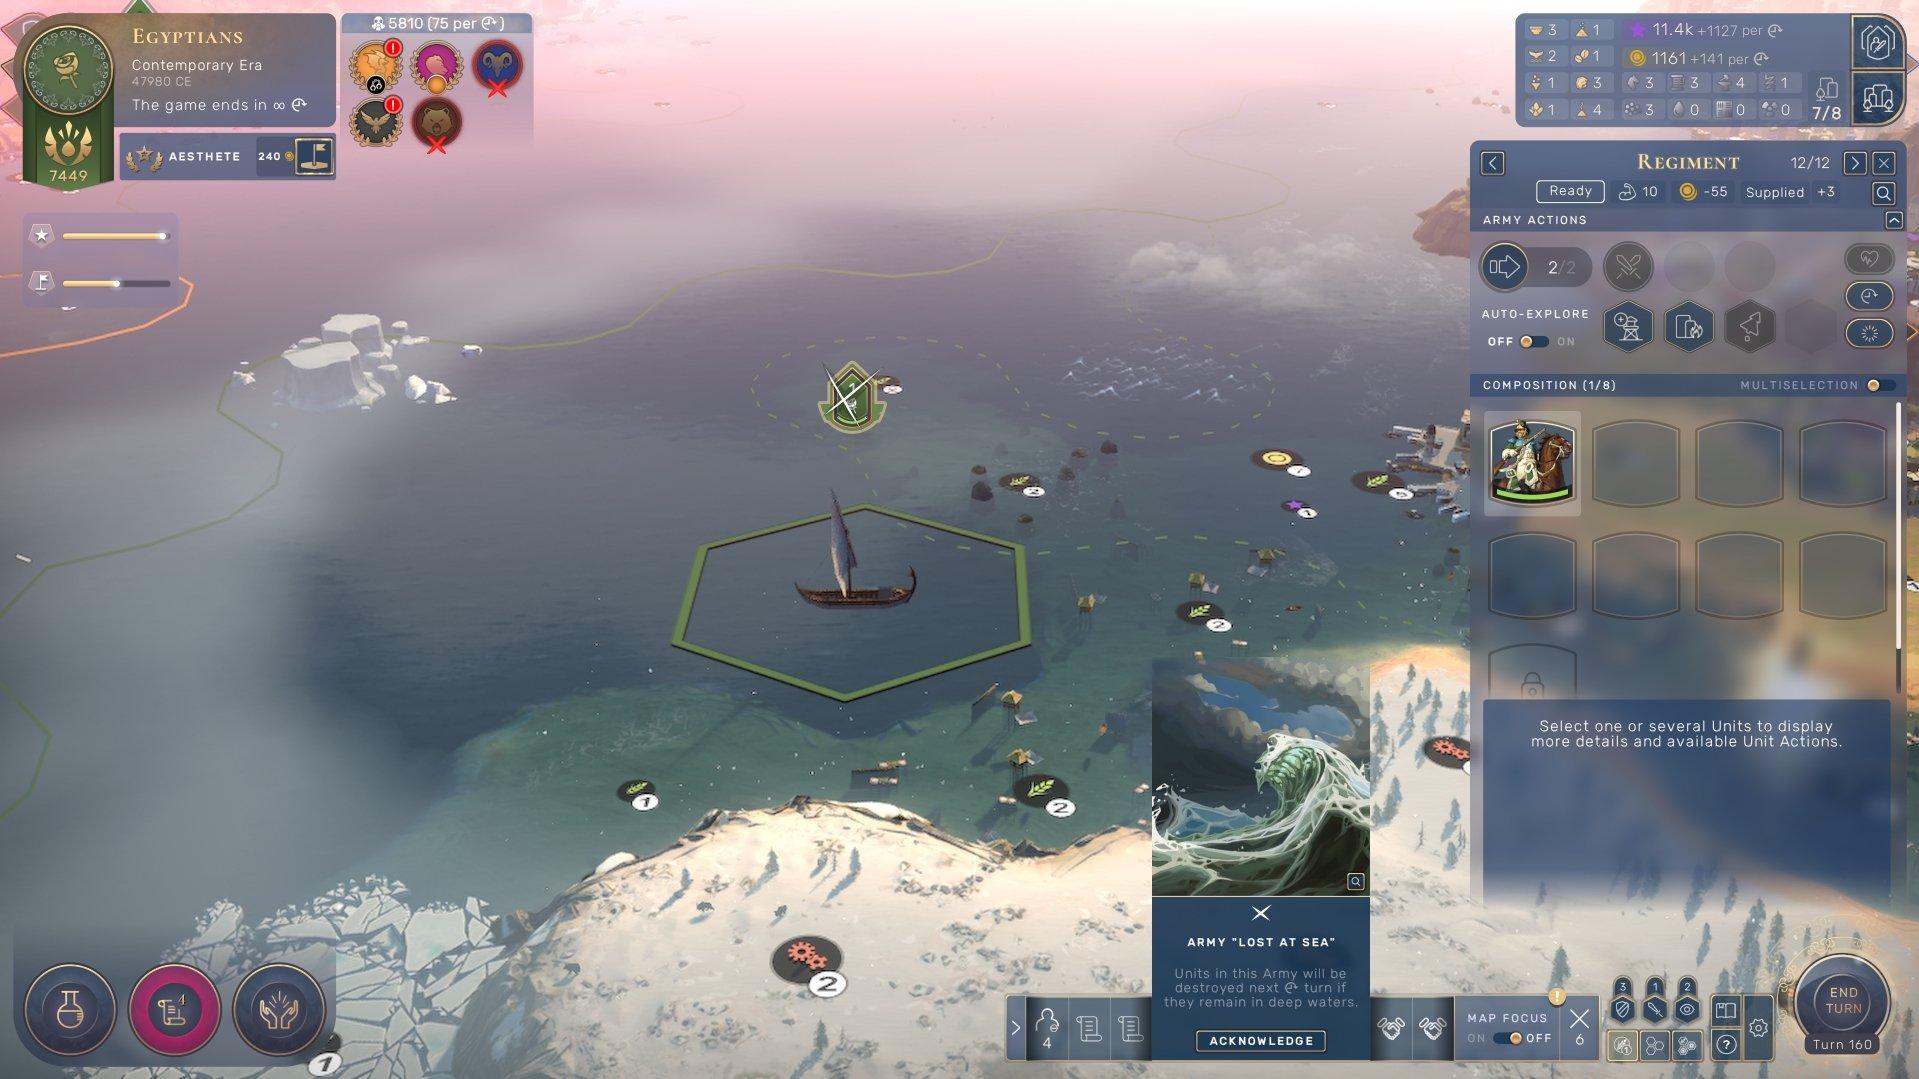 Humankind - Lost at Sea Alert